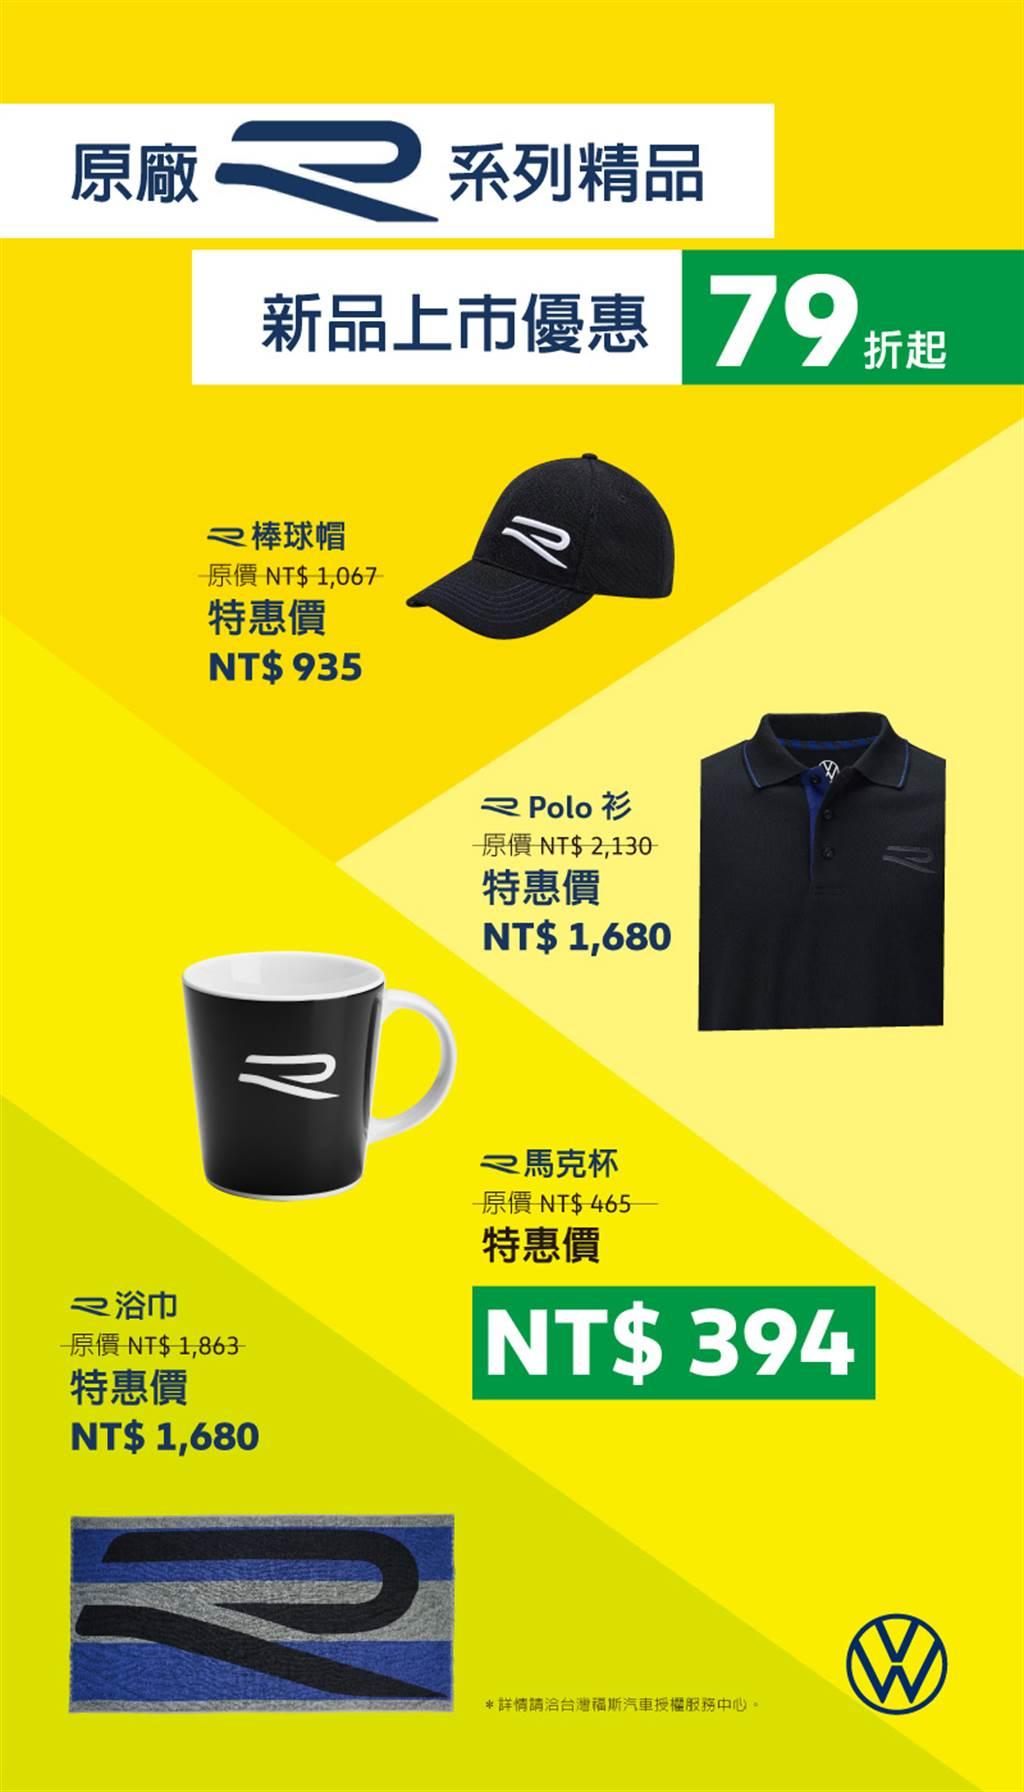 台灣福斯汽車同步提供新版R徽飾的各式精品優惠。